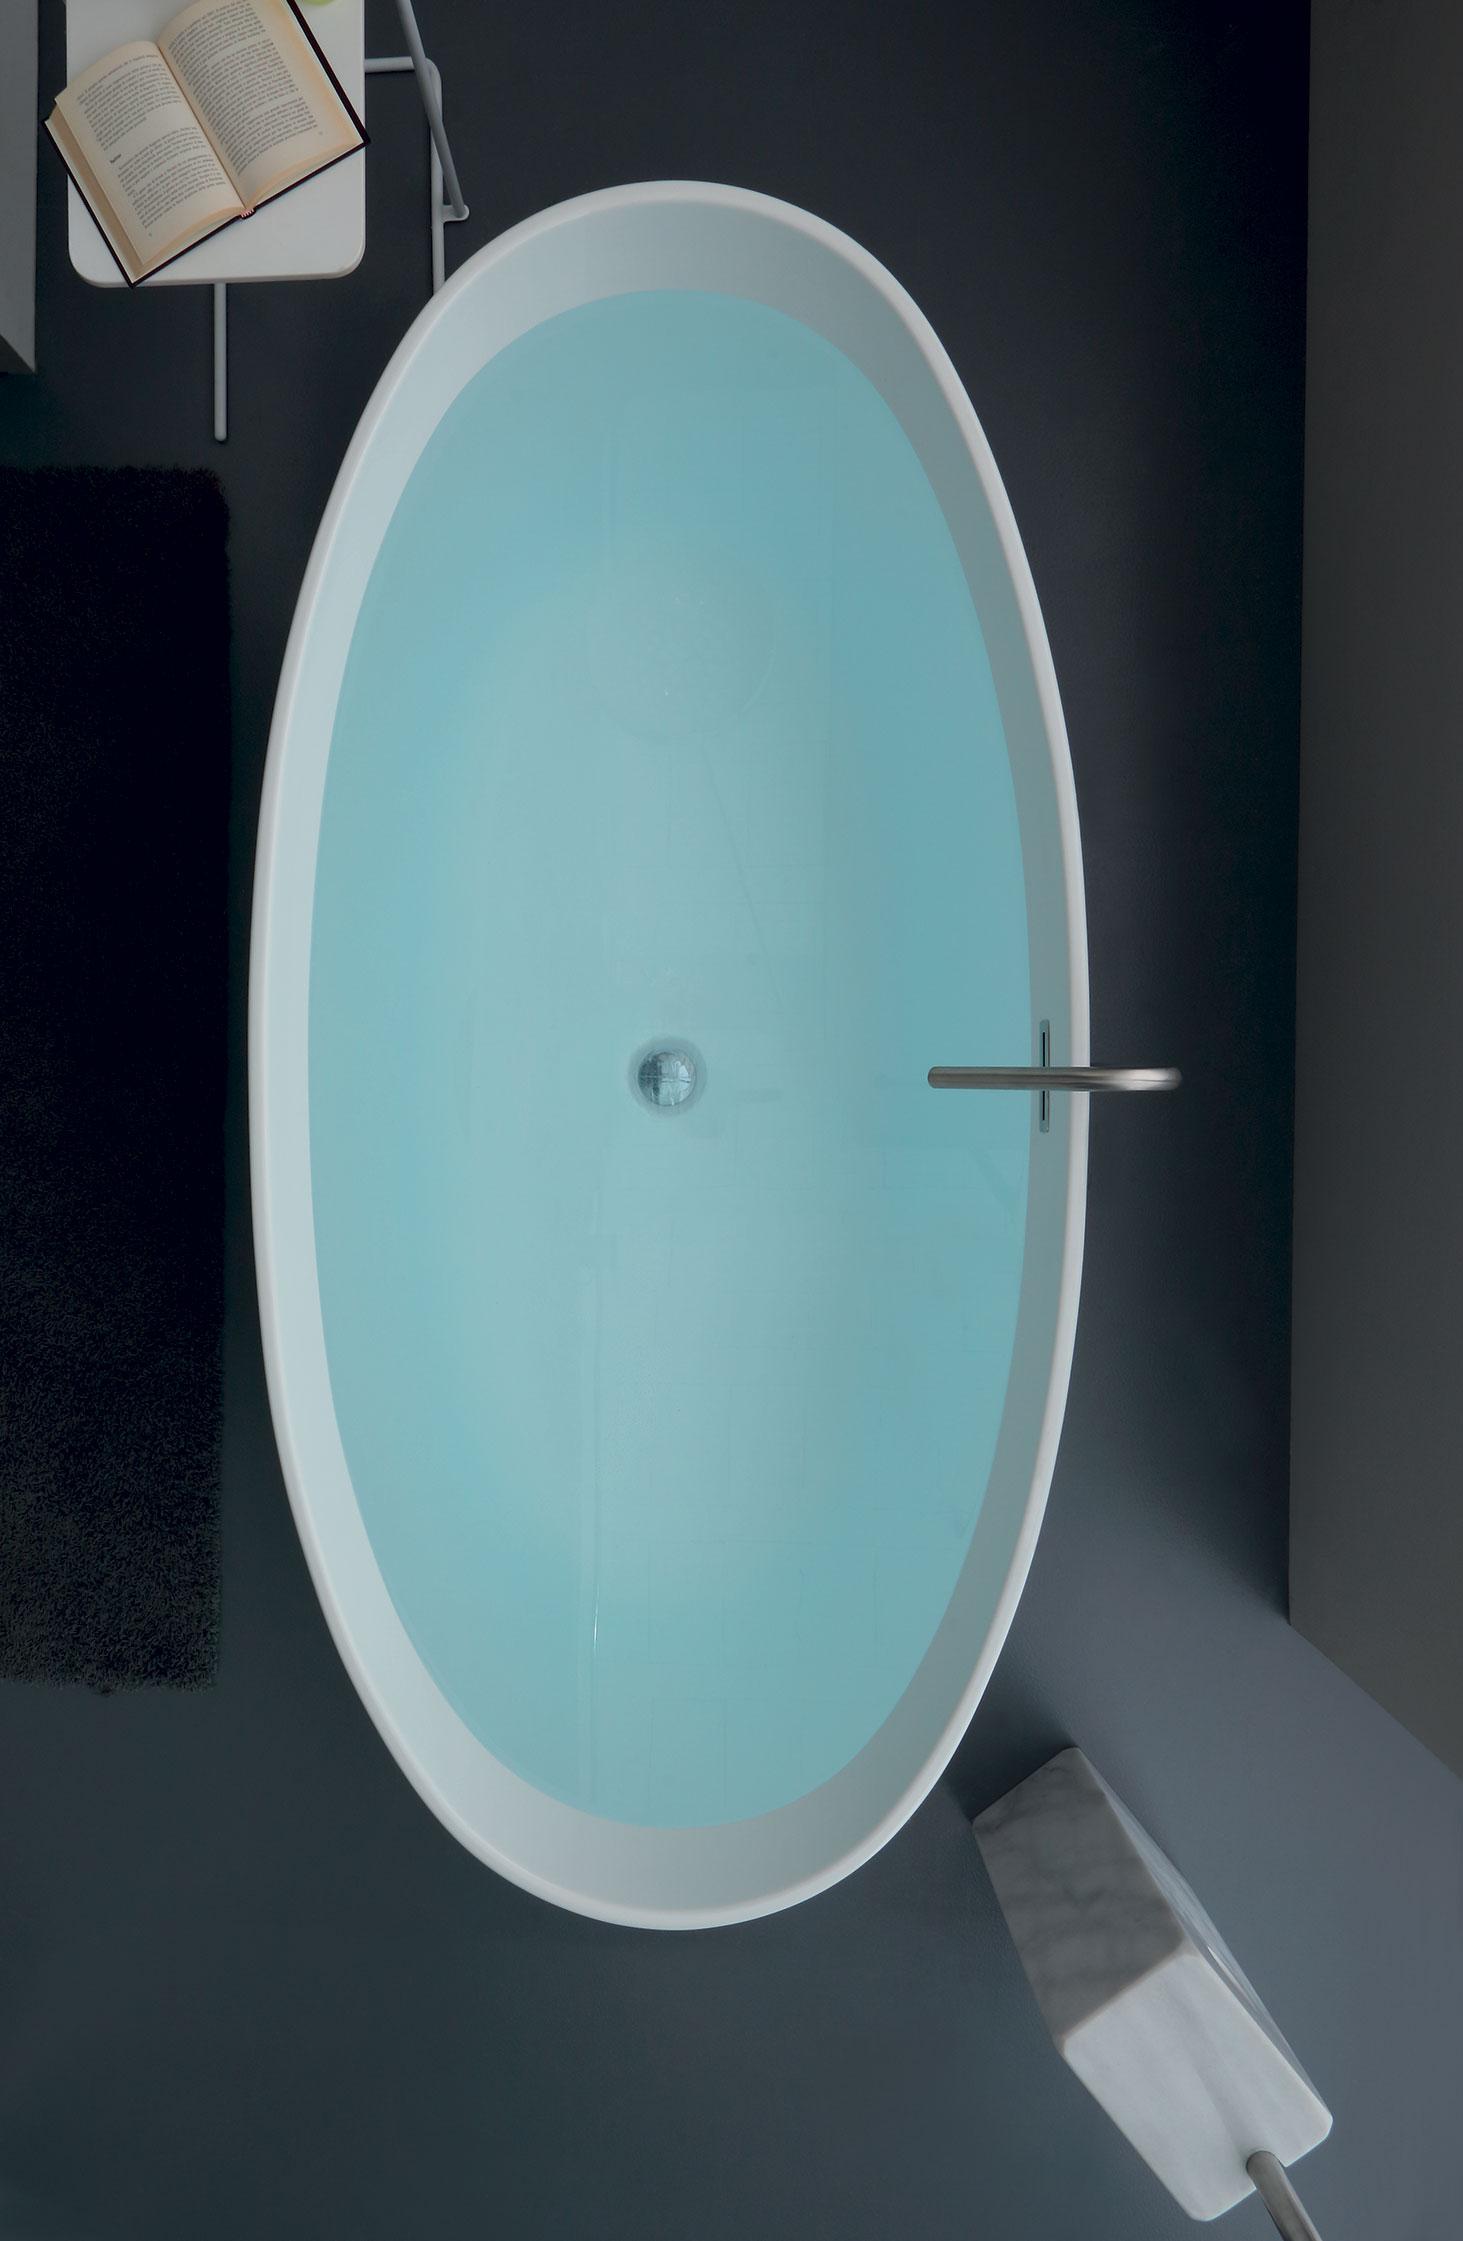 Vasca Da Bagno Gigante.Bath Tub Vasche Da Bagno Per Arredare Con Stile